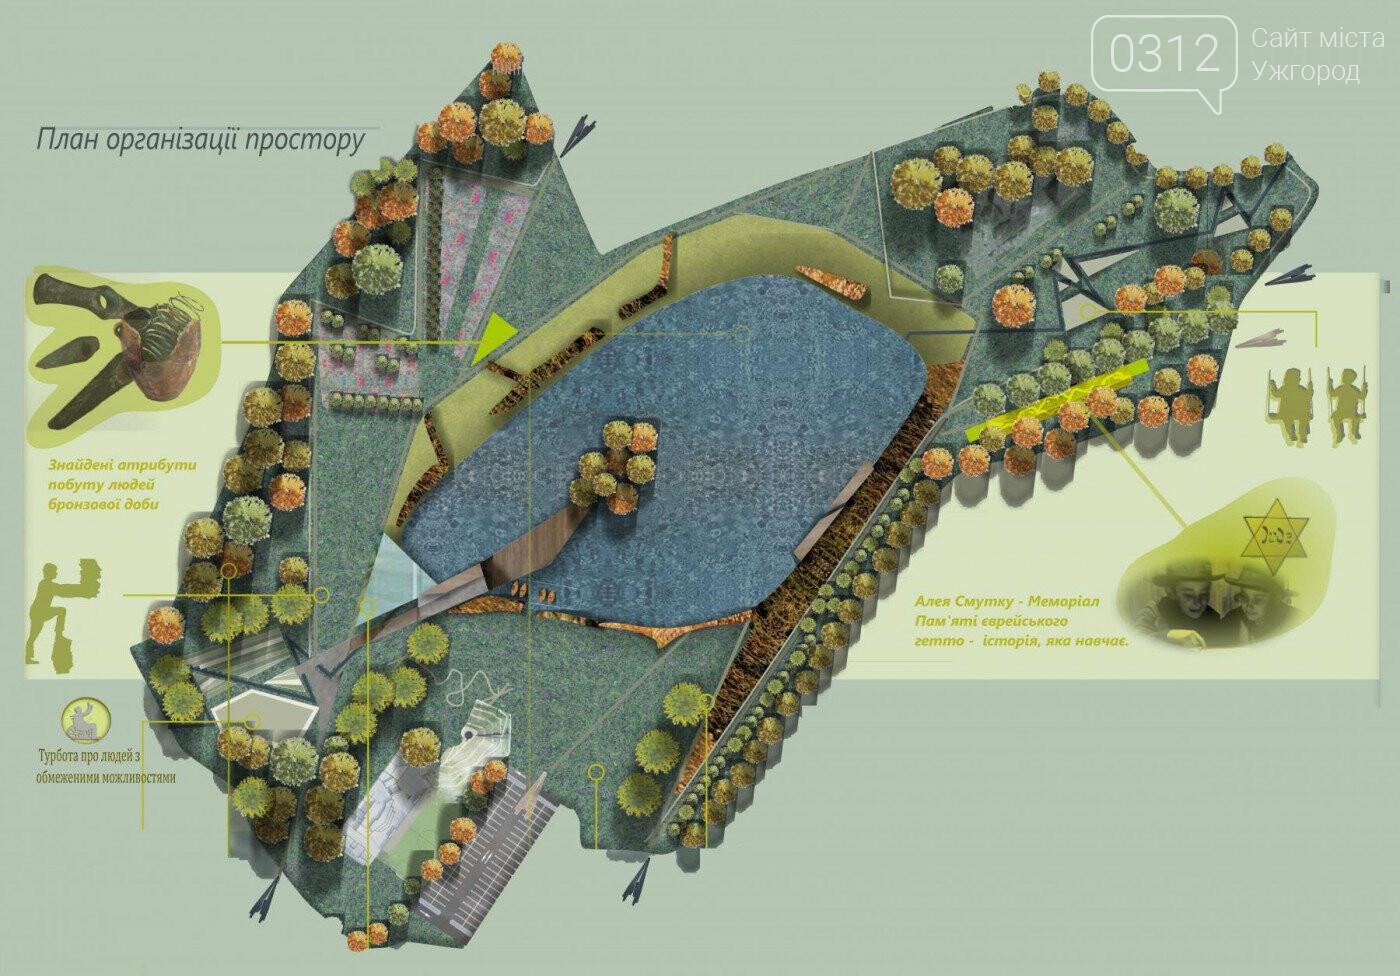 """Ужгородців запрошують на обговорення проекту з облаштування парку для відпочинку """"Кірпічка"""" , фото-1"""